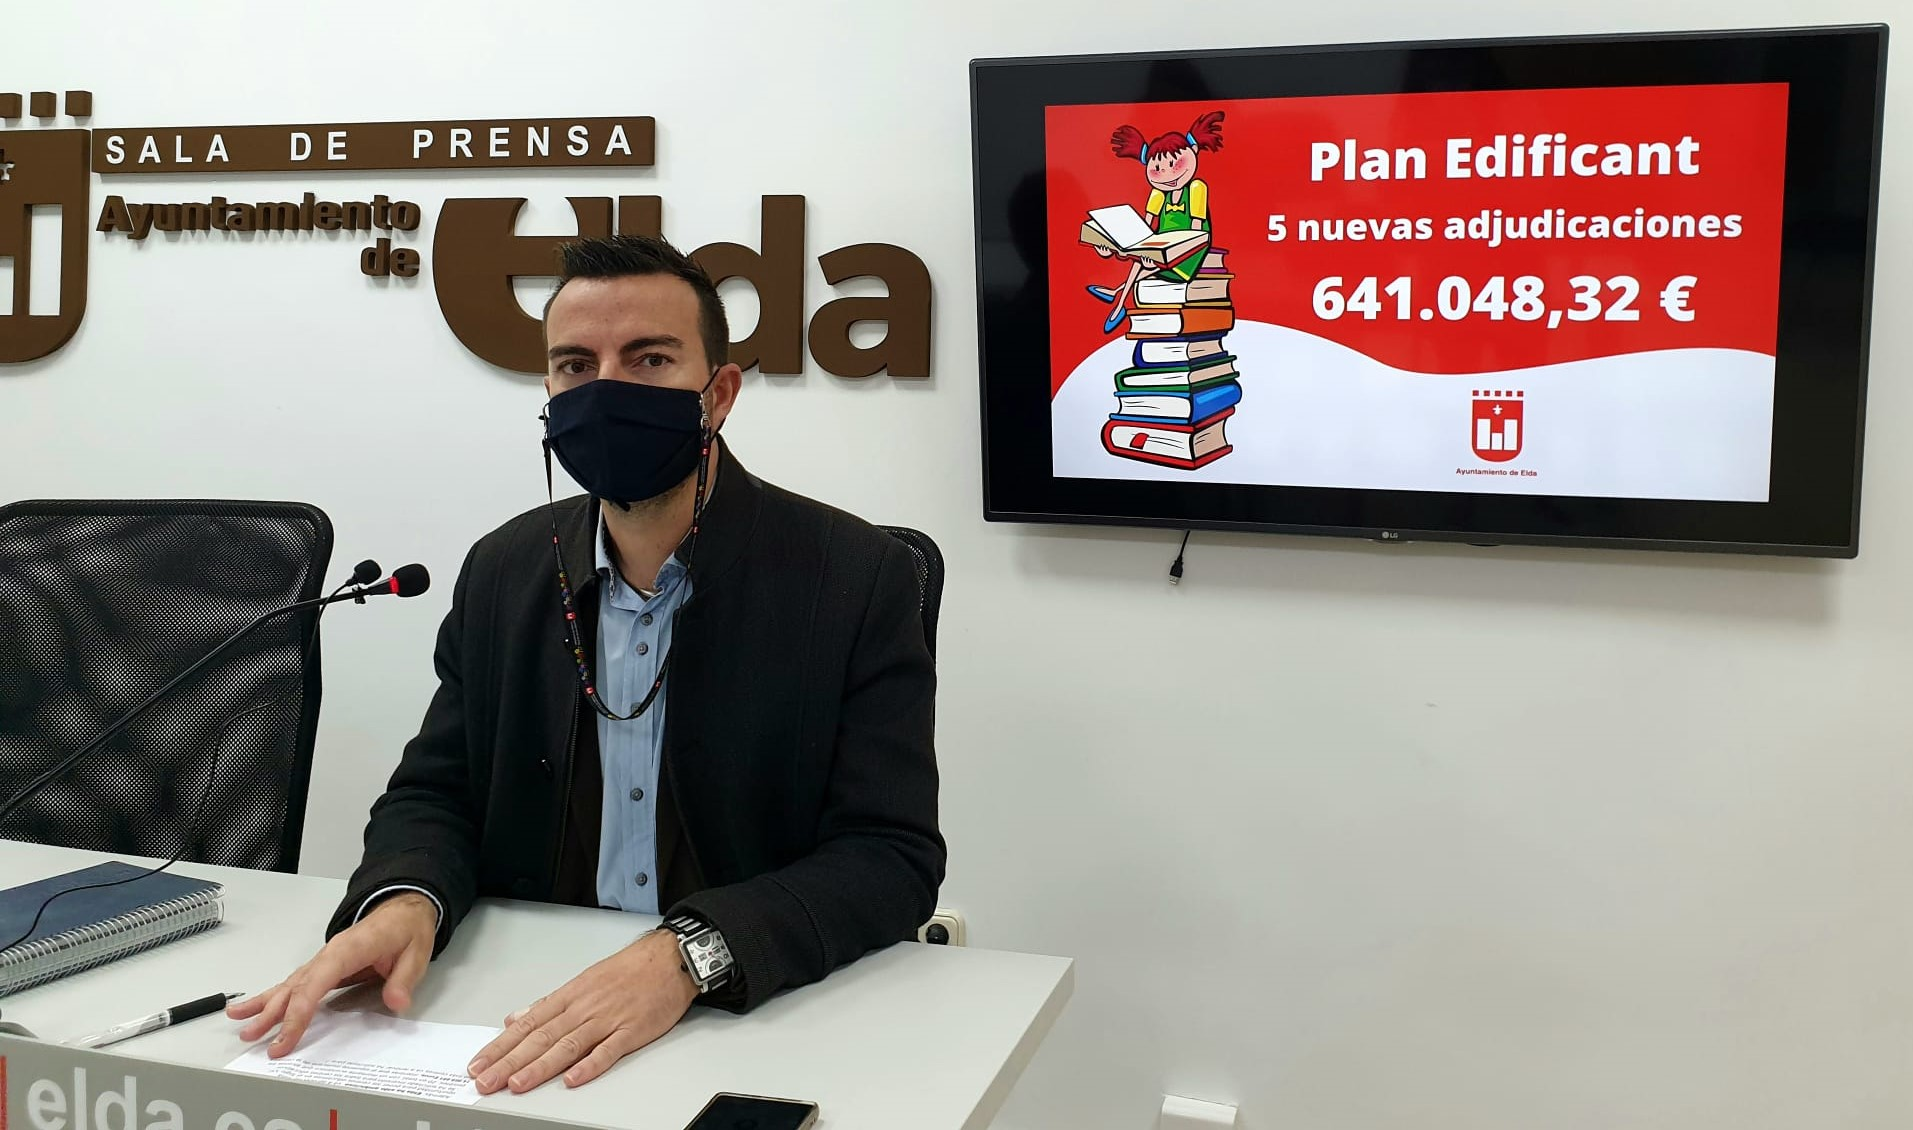 El Ayuntamiento de Elda aprueba la adjudicación de cinco nuevos contratos del Plan Edificant por un importe de 641.048 euros